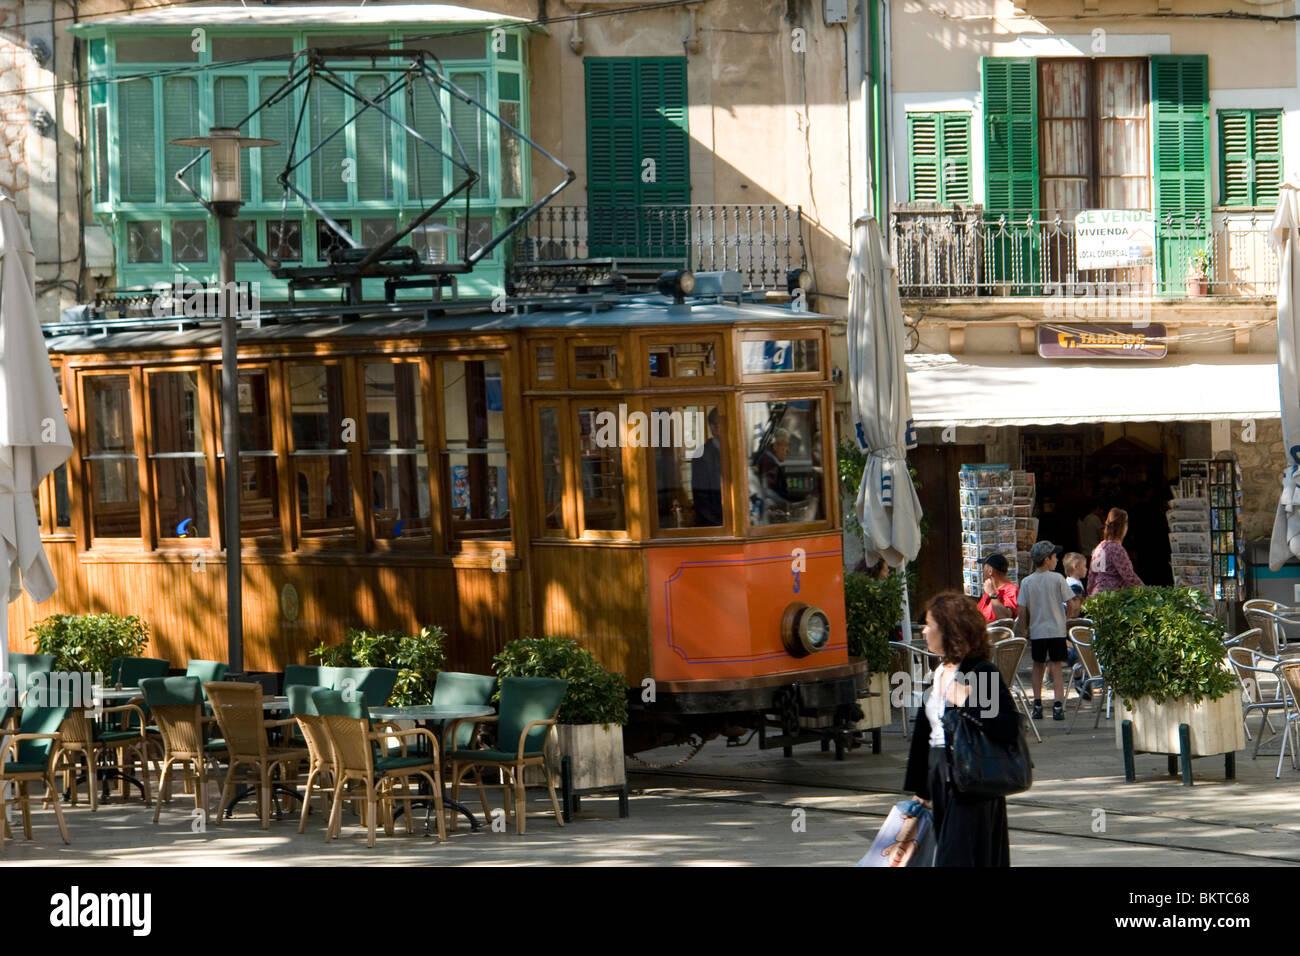 Die alten bunten Straßenbahn von Soller (Mallorca - Spanien). Le Vieil et Pittoresque Tramway de Soller (Mallorca Stockbild